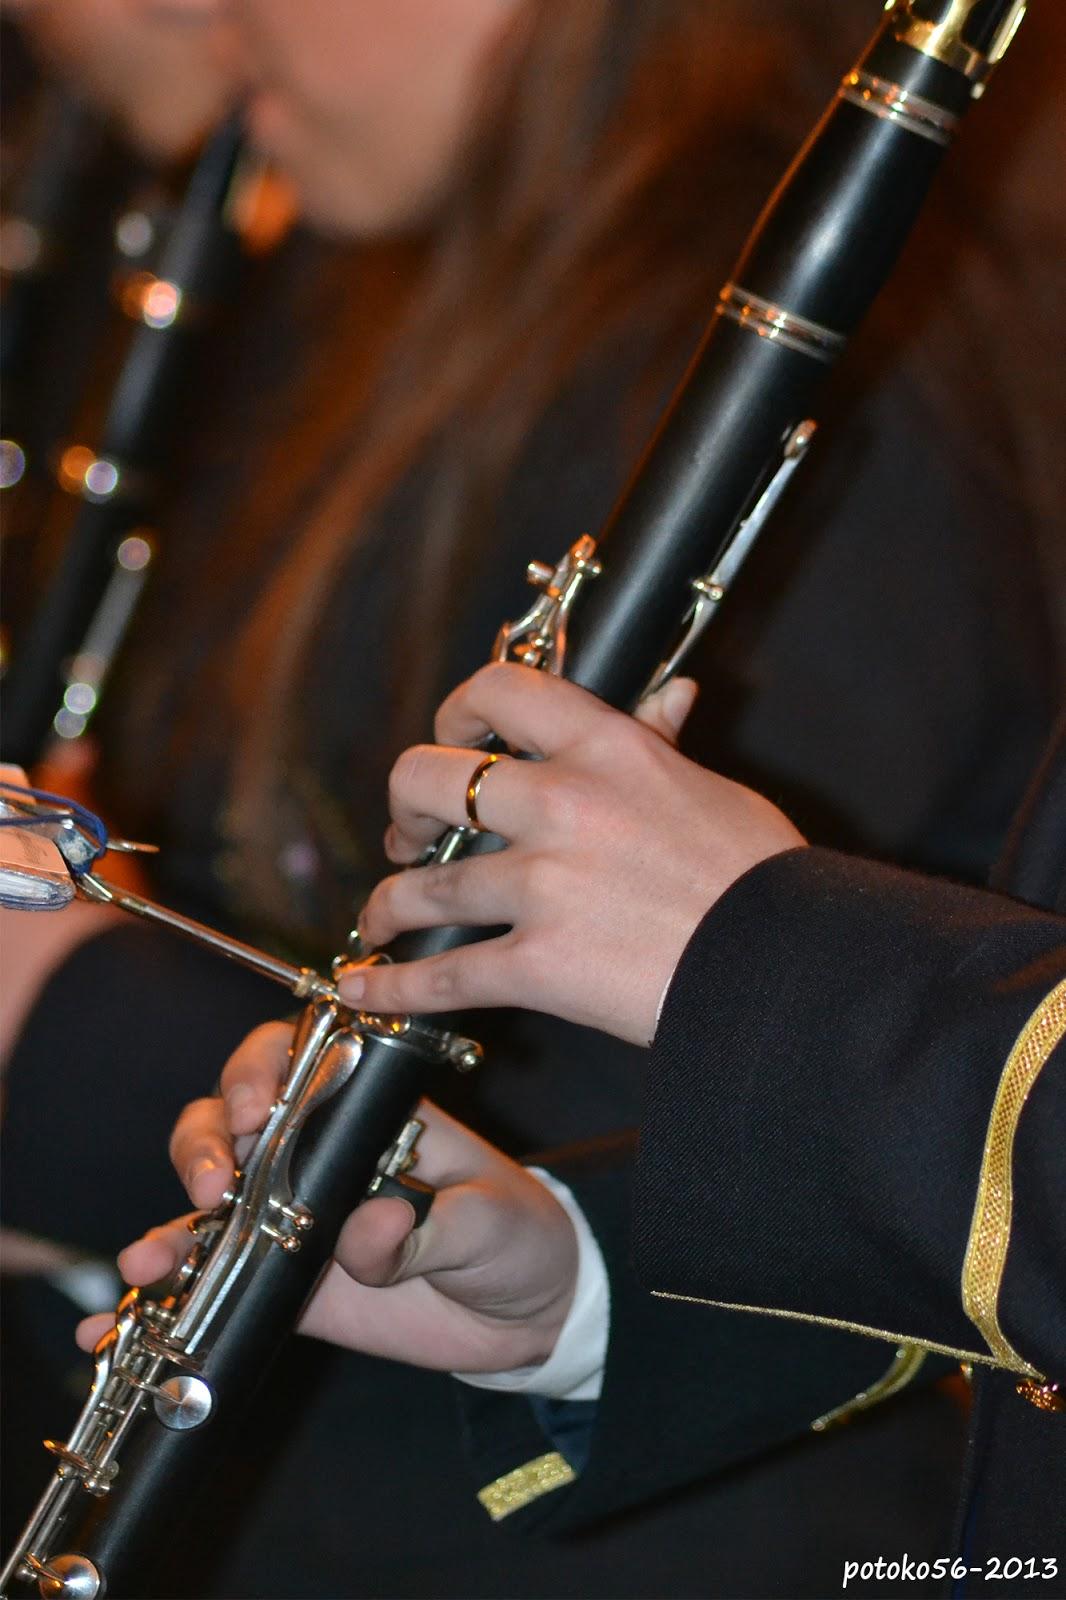 La Manos  del Clarinetista